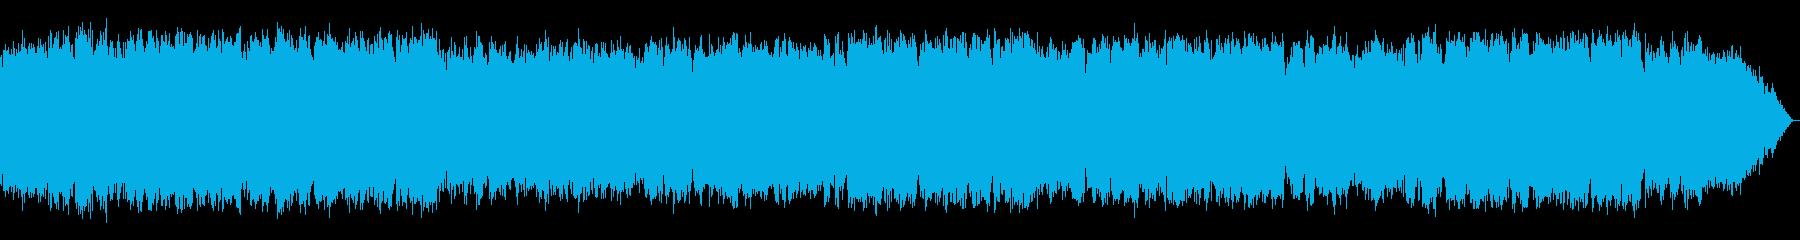 少し冷たい風のイメージ 竹笛のメロディの再生済みの波形